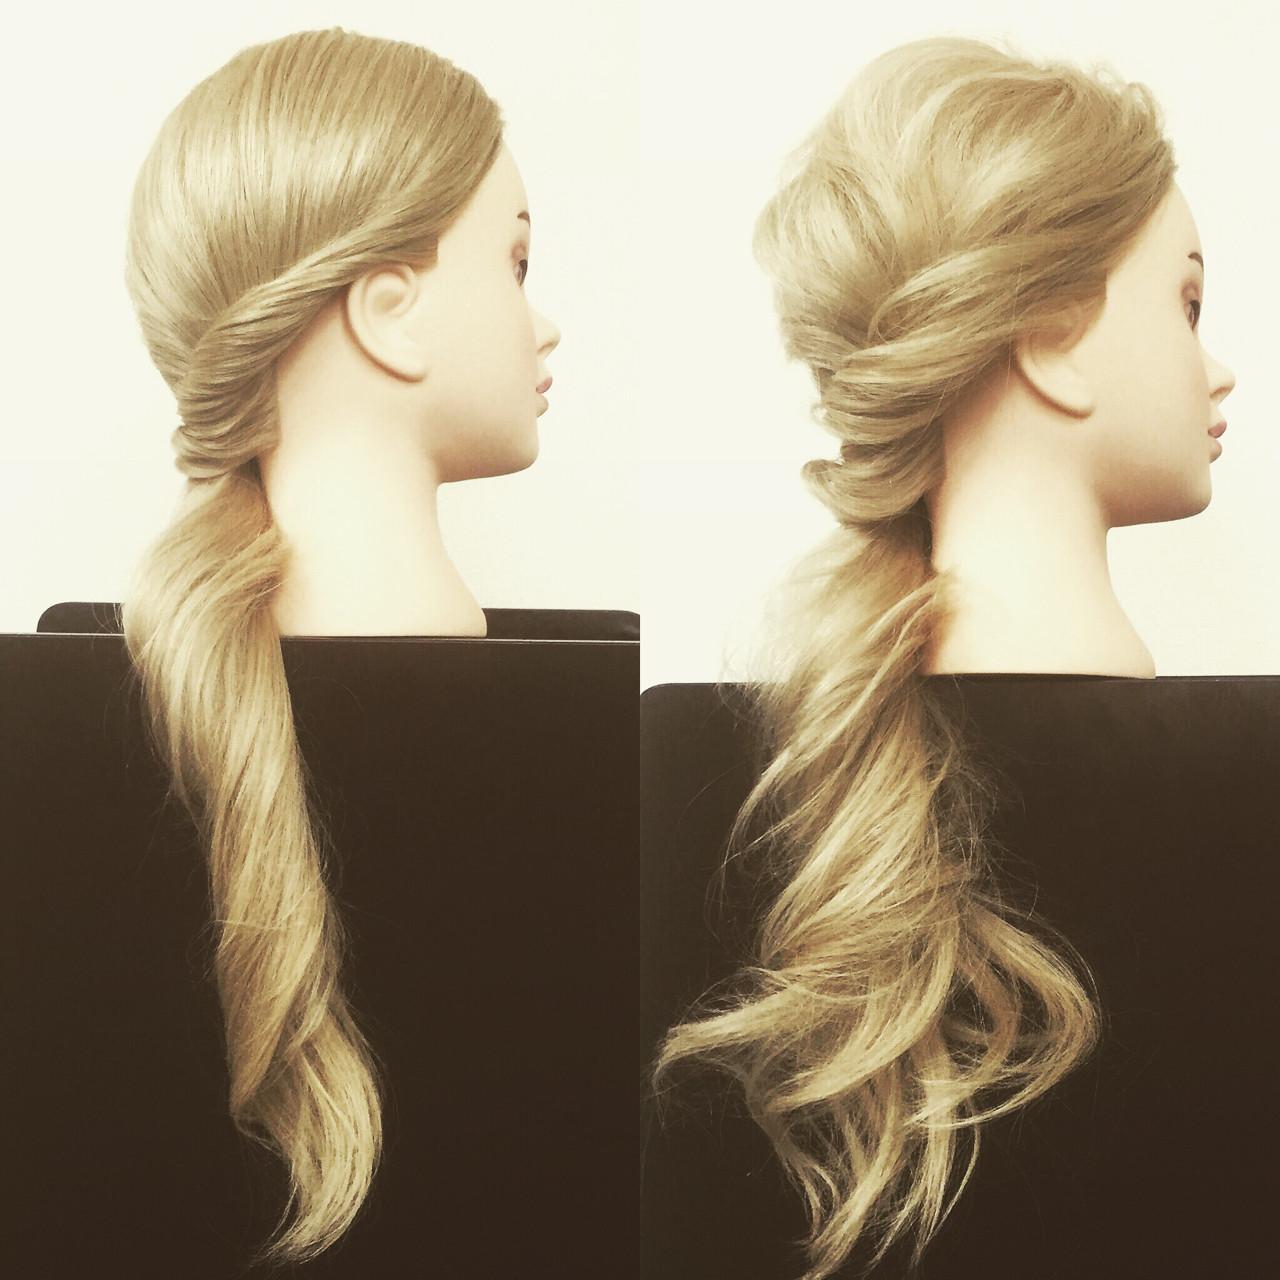 ゆるふわ 簡単ヘアアレンジ ヘアアレンジ ロング ヘアスタイルや髪型の写真・画像 | 佐藤 允美 / Hair Space  ACT  LOCALLY(アクトローカリー)